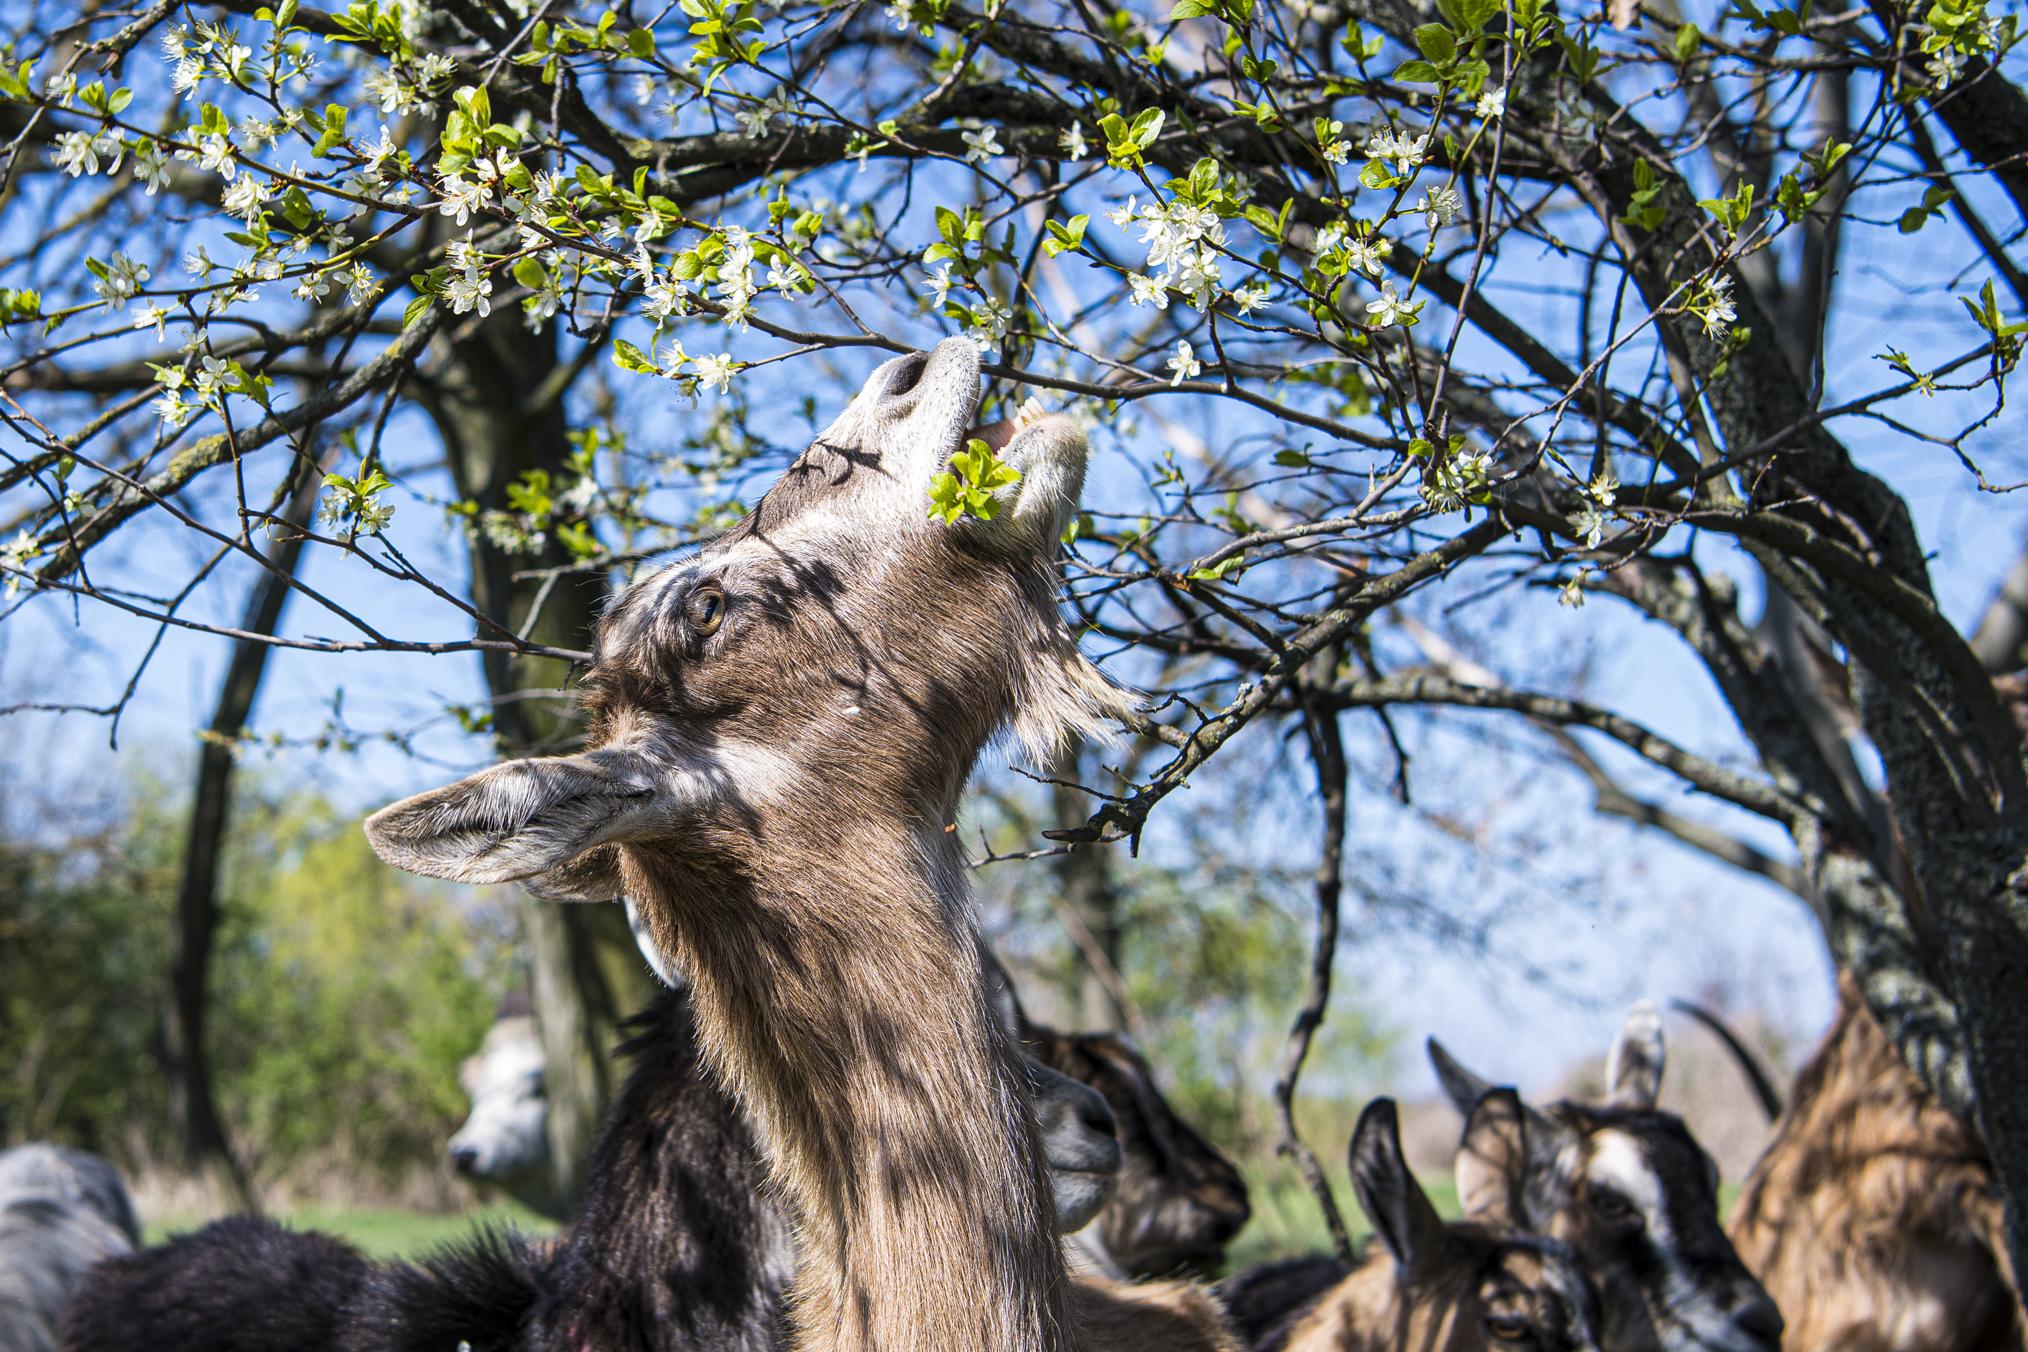 kecske legeli a szilvafa rügyeit